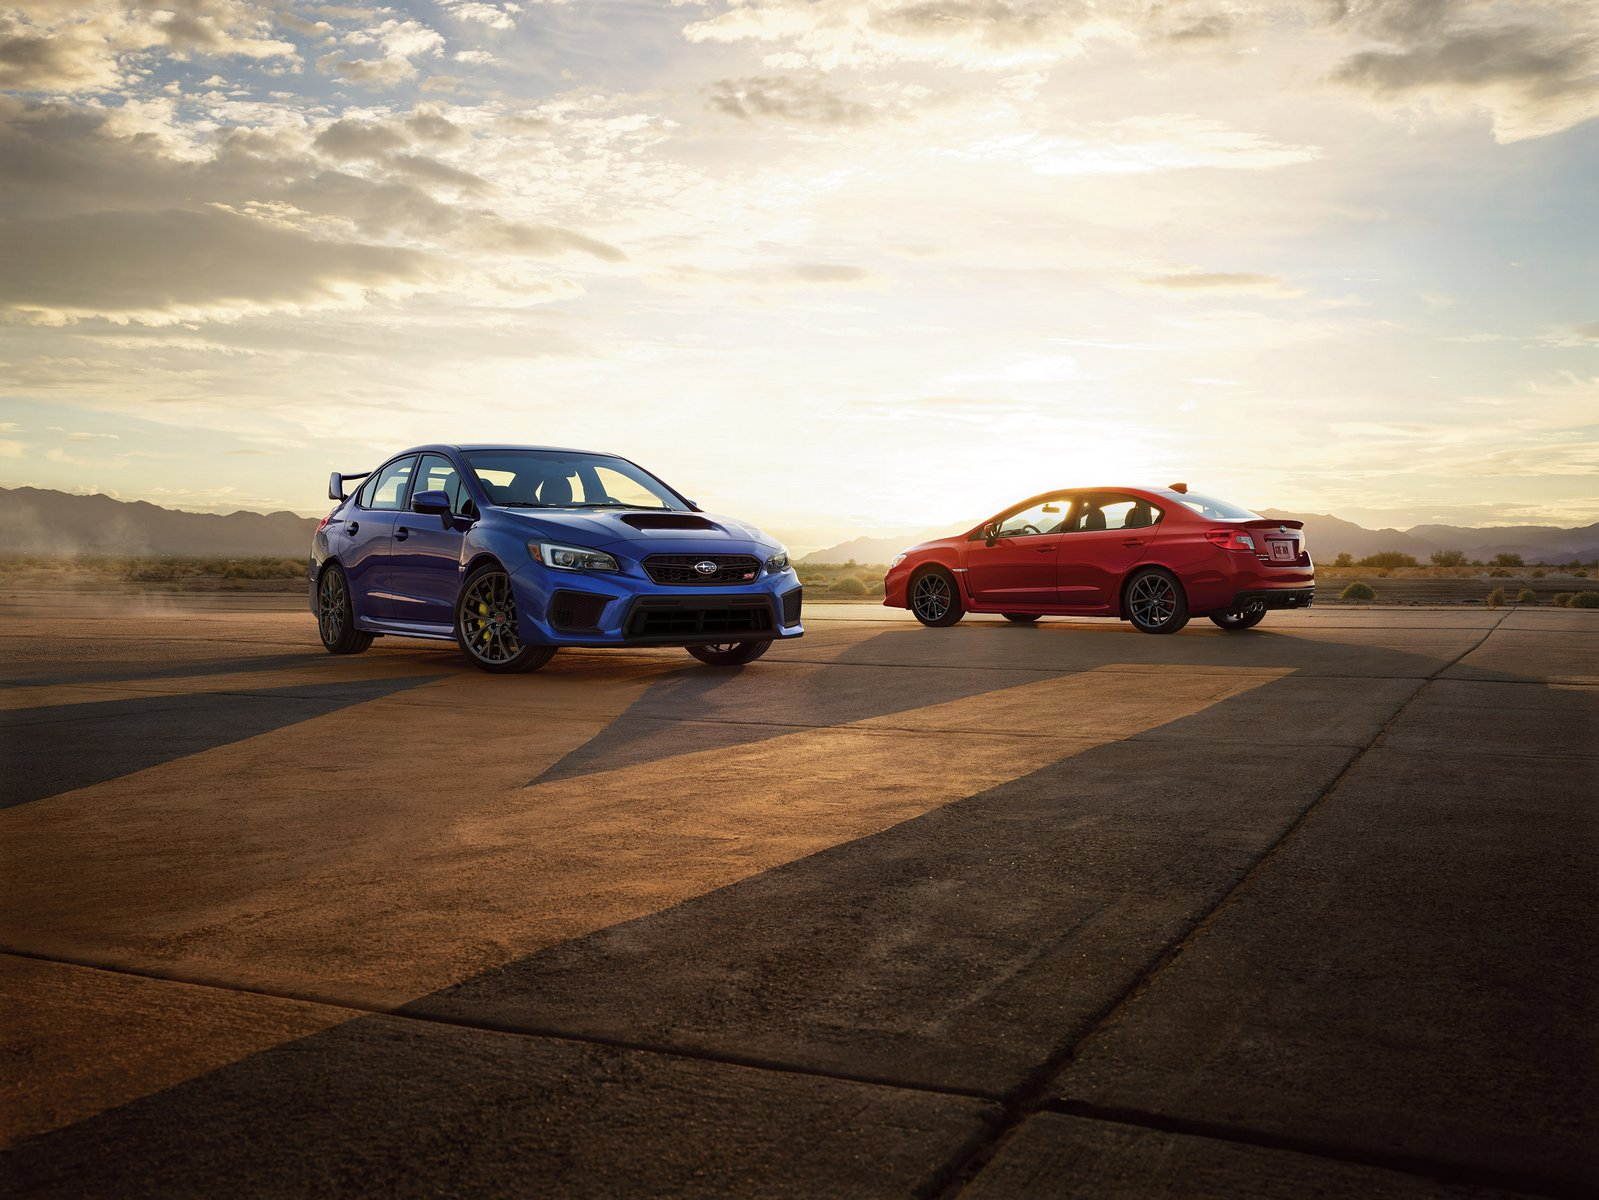 Adiós al Subaru WRX STI: Desaparecerá de Europa en 2018... y sin sustituto